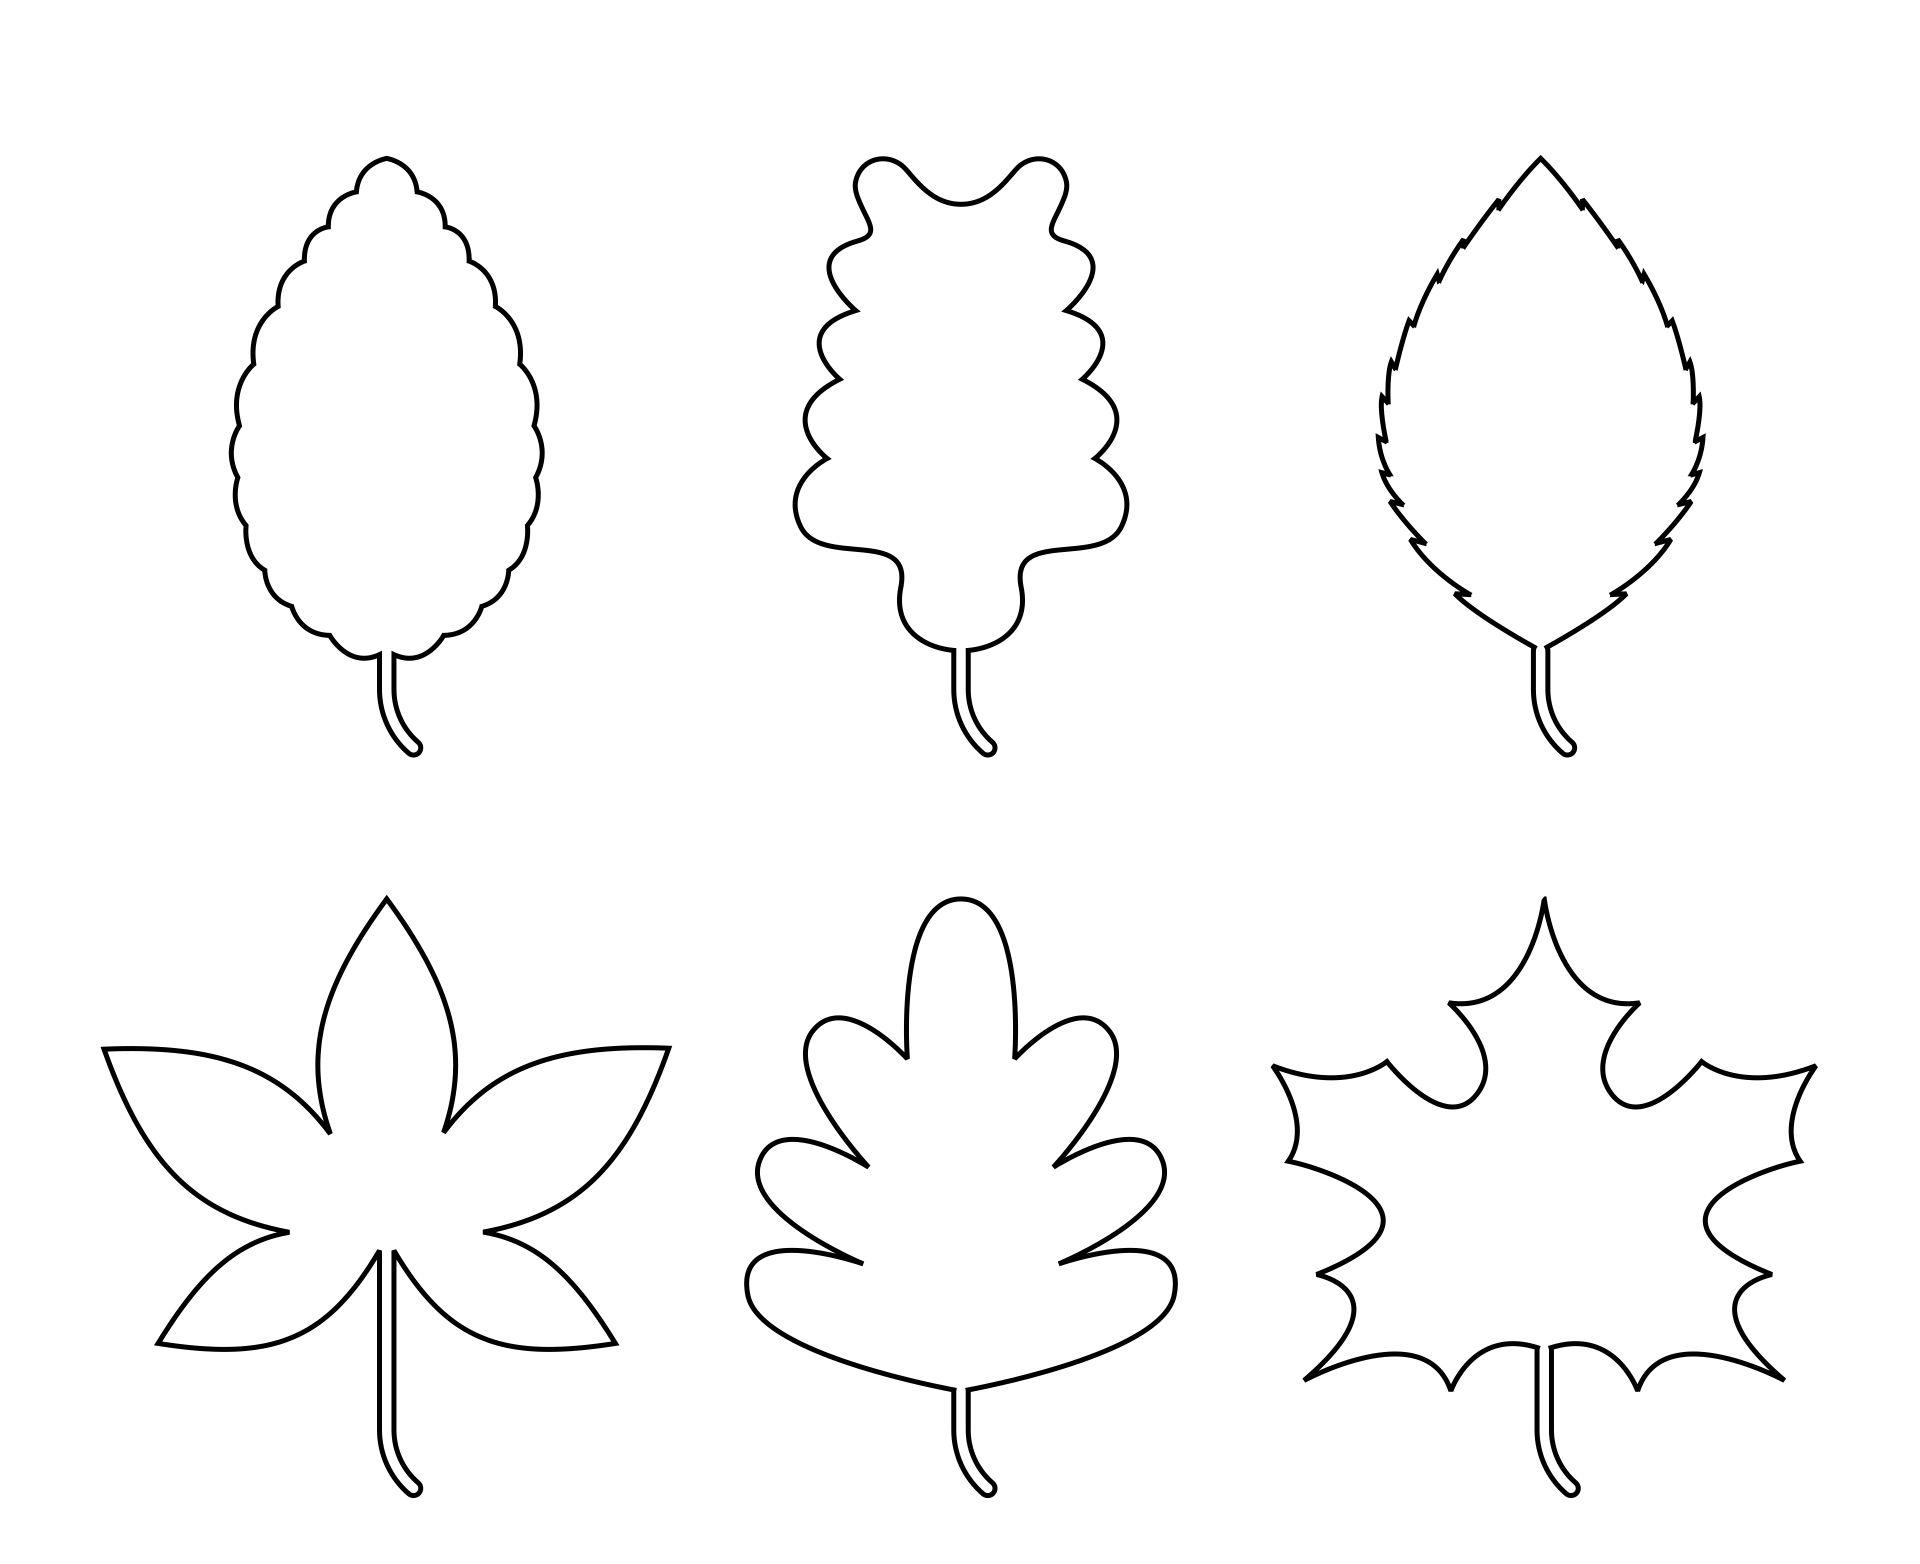 5 Best Printable Leaf Pattern Template - Printablee.com